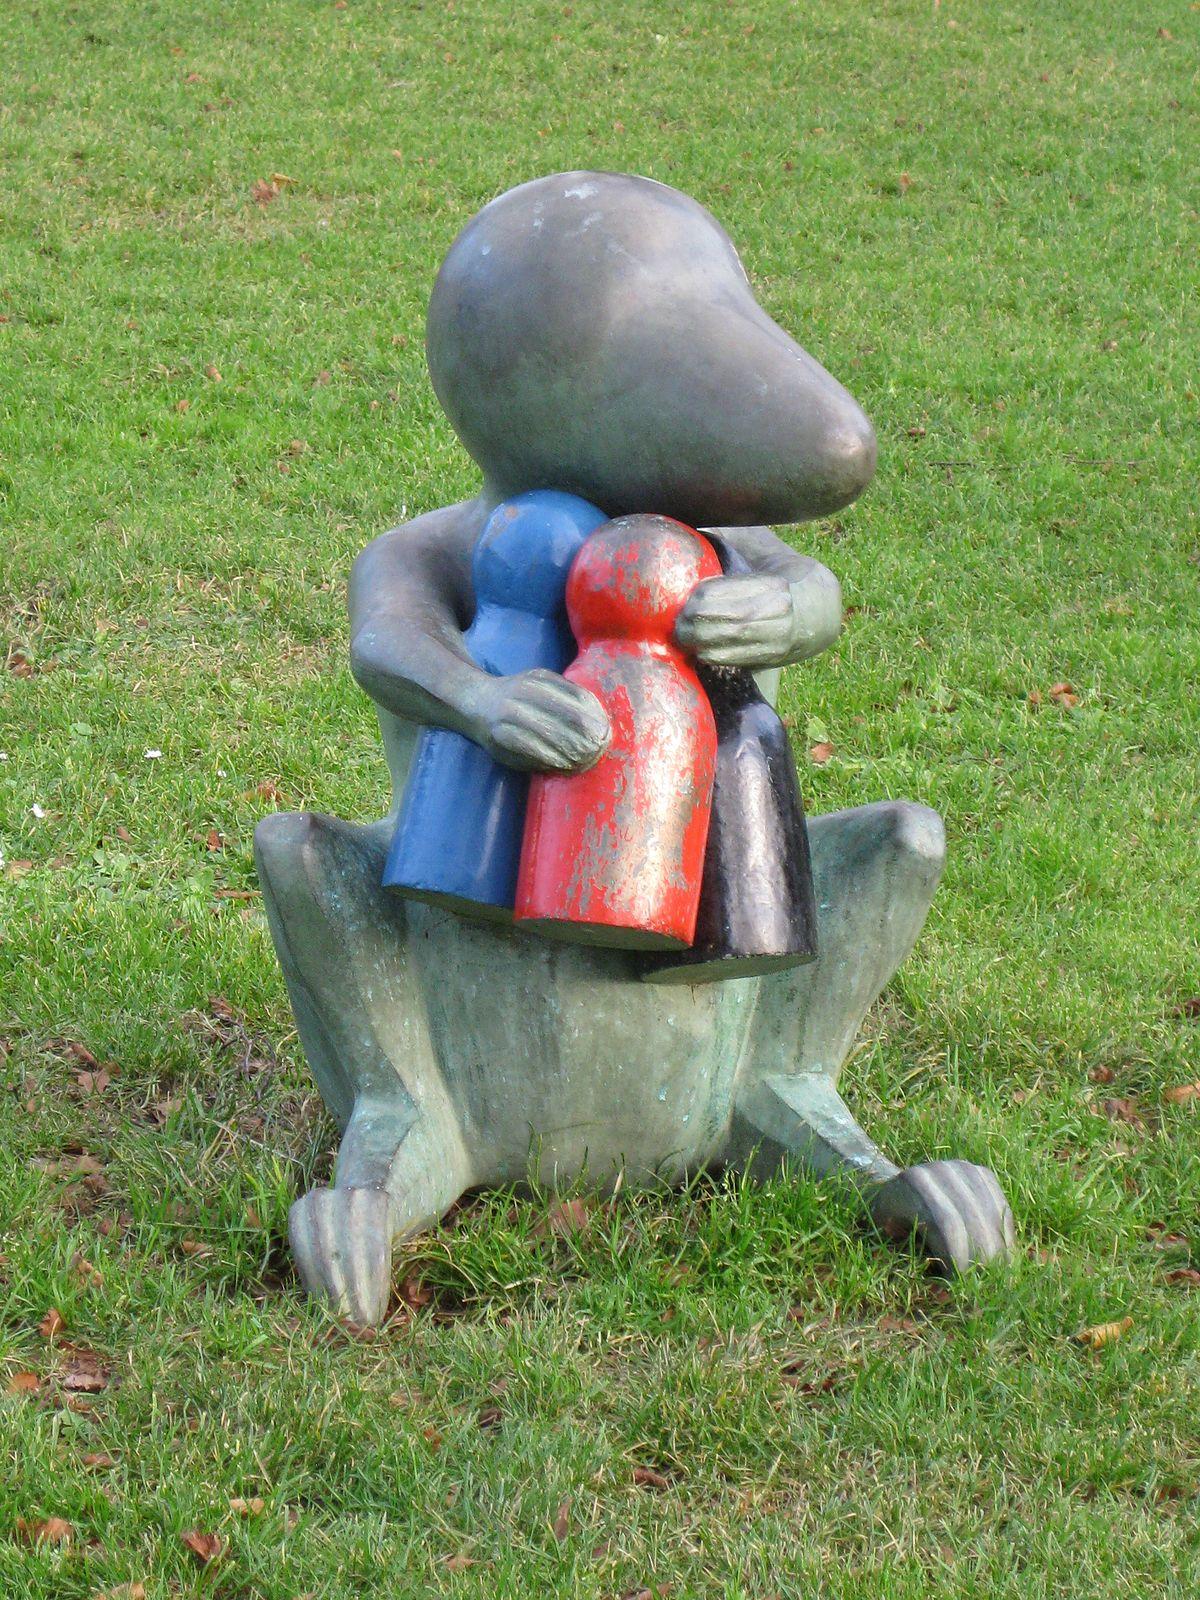 Karta Skulpturer Boras.Lista Over Offentlig Konst I Trelleborgs Kommun Wikipedia